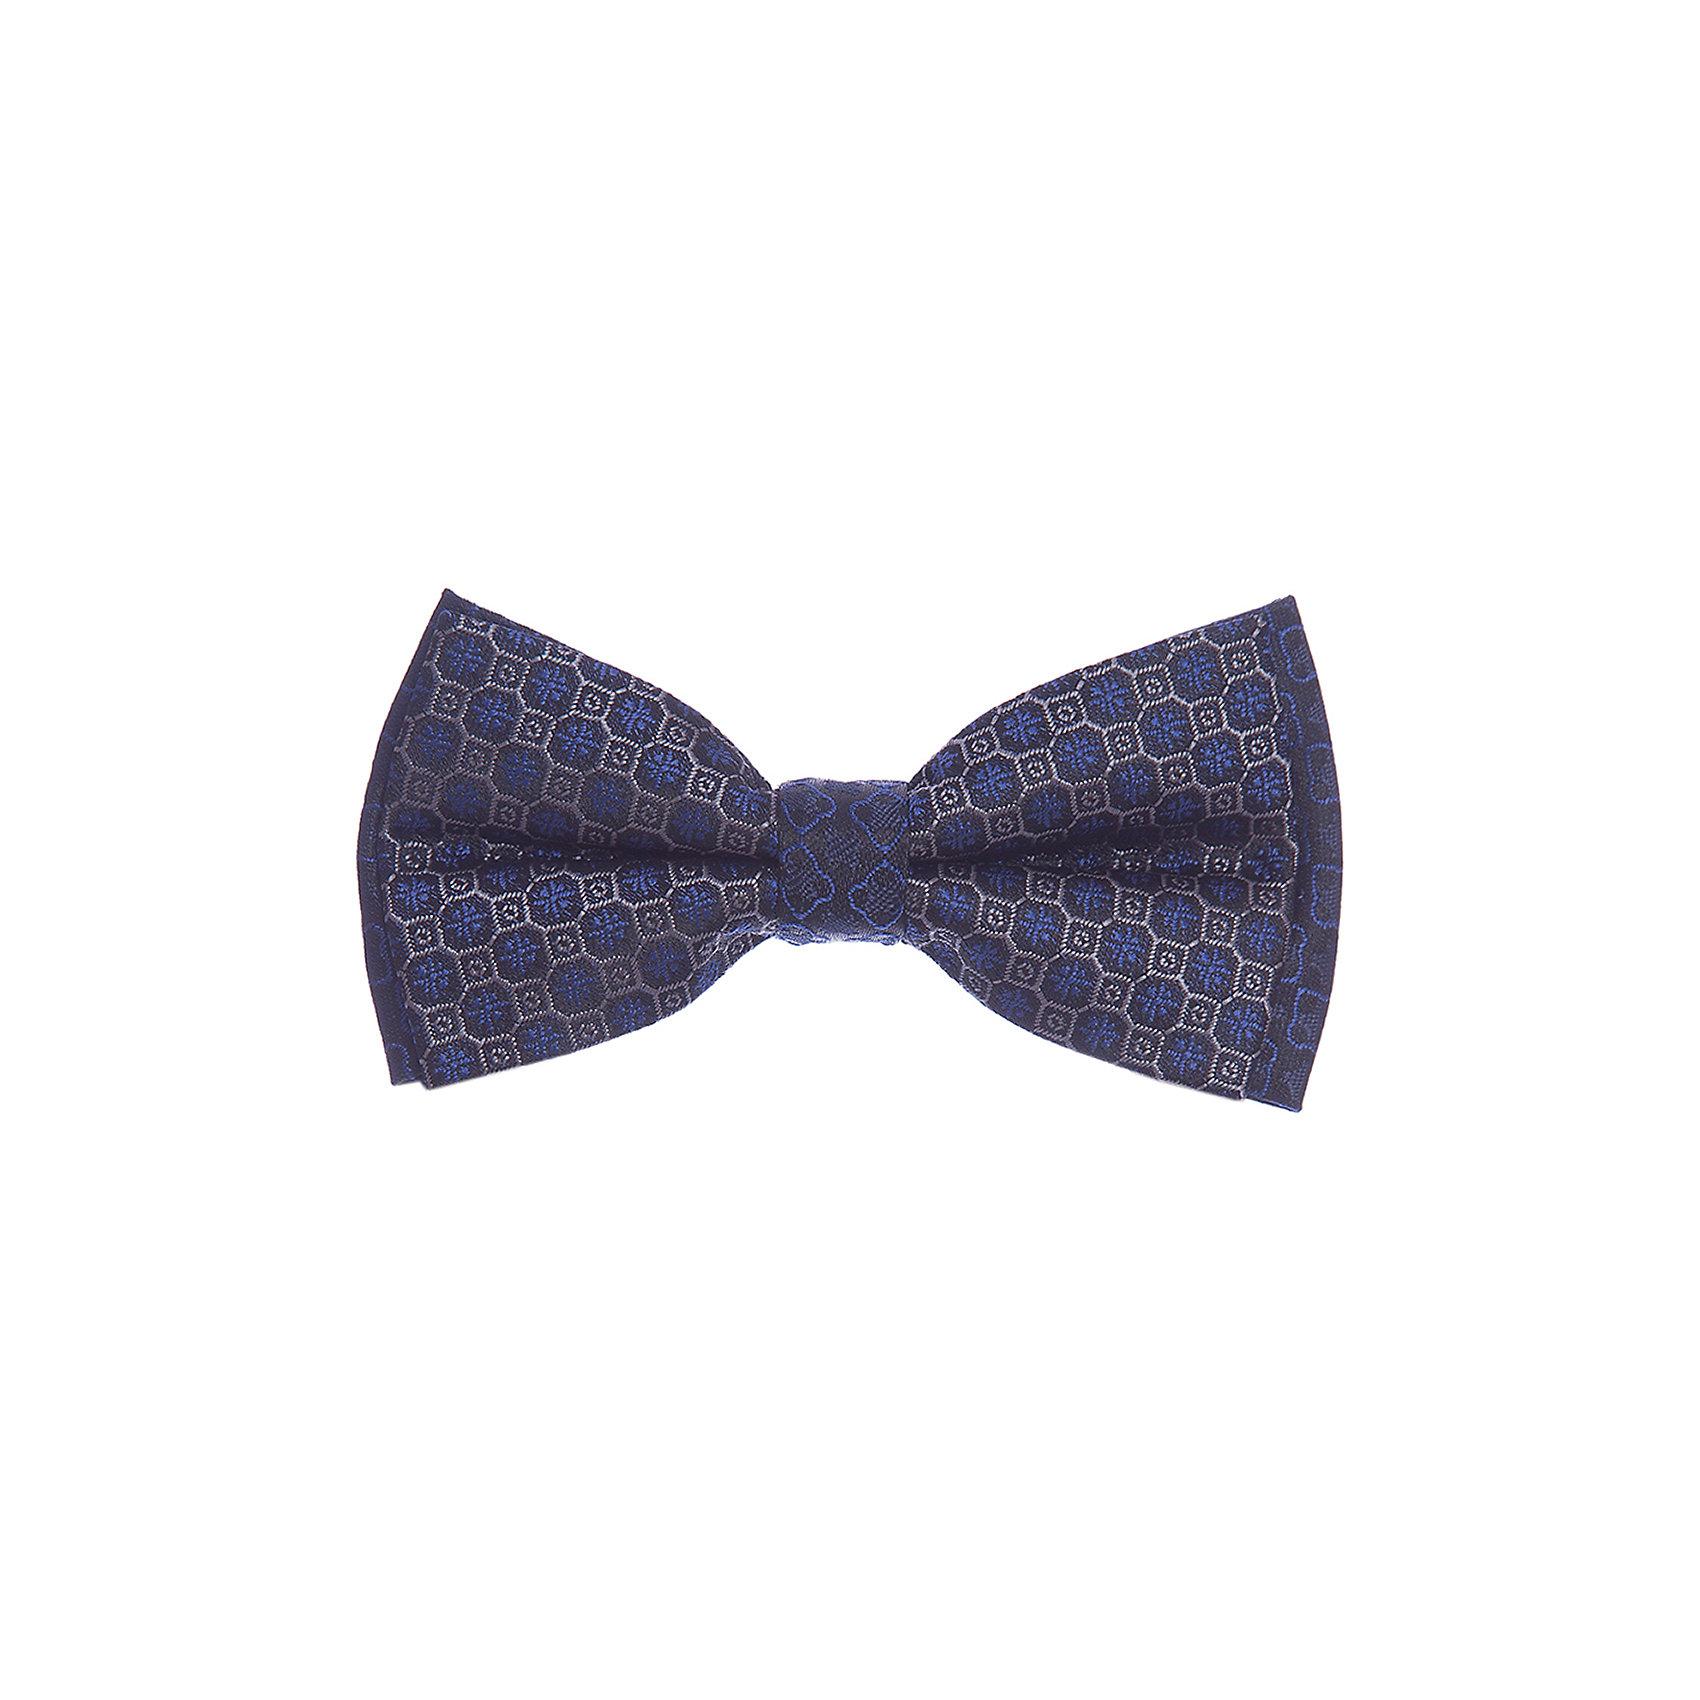 Бабочка для мальчика TsarevichАксессуары<br>Характеристики товара:<br><br>• цвет: синий;<br>• состав: 100% полиэстер;<br>• сезон: круглый год;<br>• галстук на прищепке;<br>• особенности: школьный, с рисунком;<br>• страна бренда: Россия;<br>• страна производства: Китай.<br><br>Школьный галстук-бабочка для мальчика. Галстук-бабочка с рисунком. Галстук на прищепке, легко крепится к воротнику.<br><br>Галстук-бабочка для мальчика Tsarevich (Царевич) можно купить в нашем интернет-магазине.<br><br>Ширина мм: 170<br>Глубина мм: 157<br>Высота мм: 67<br>Вес г: 117<br>Цвет: белый<br>Возраст от месяцев: 72<br>Возраст до месяцев: 168<br>Пол: Мужской<br>Возраст: Детский<br>Размер: one size<br>SKU: 6851340